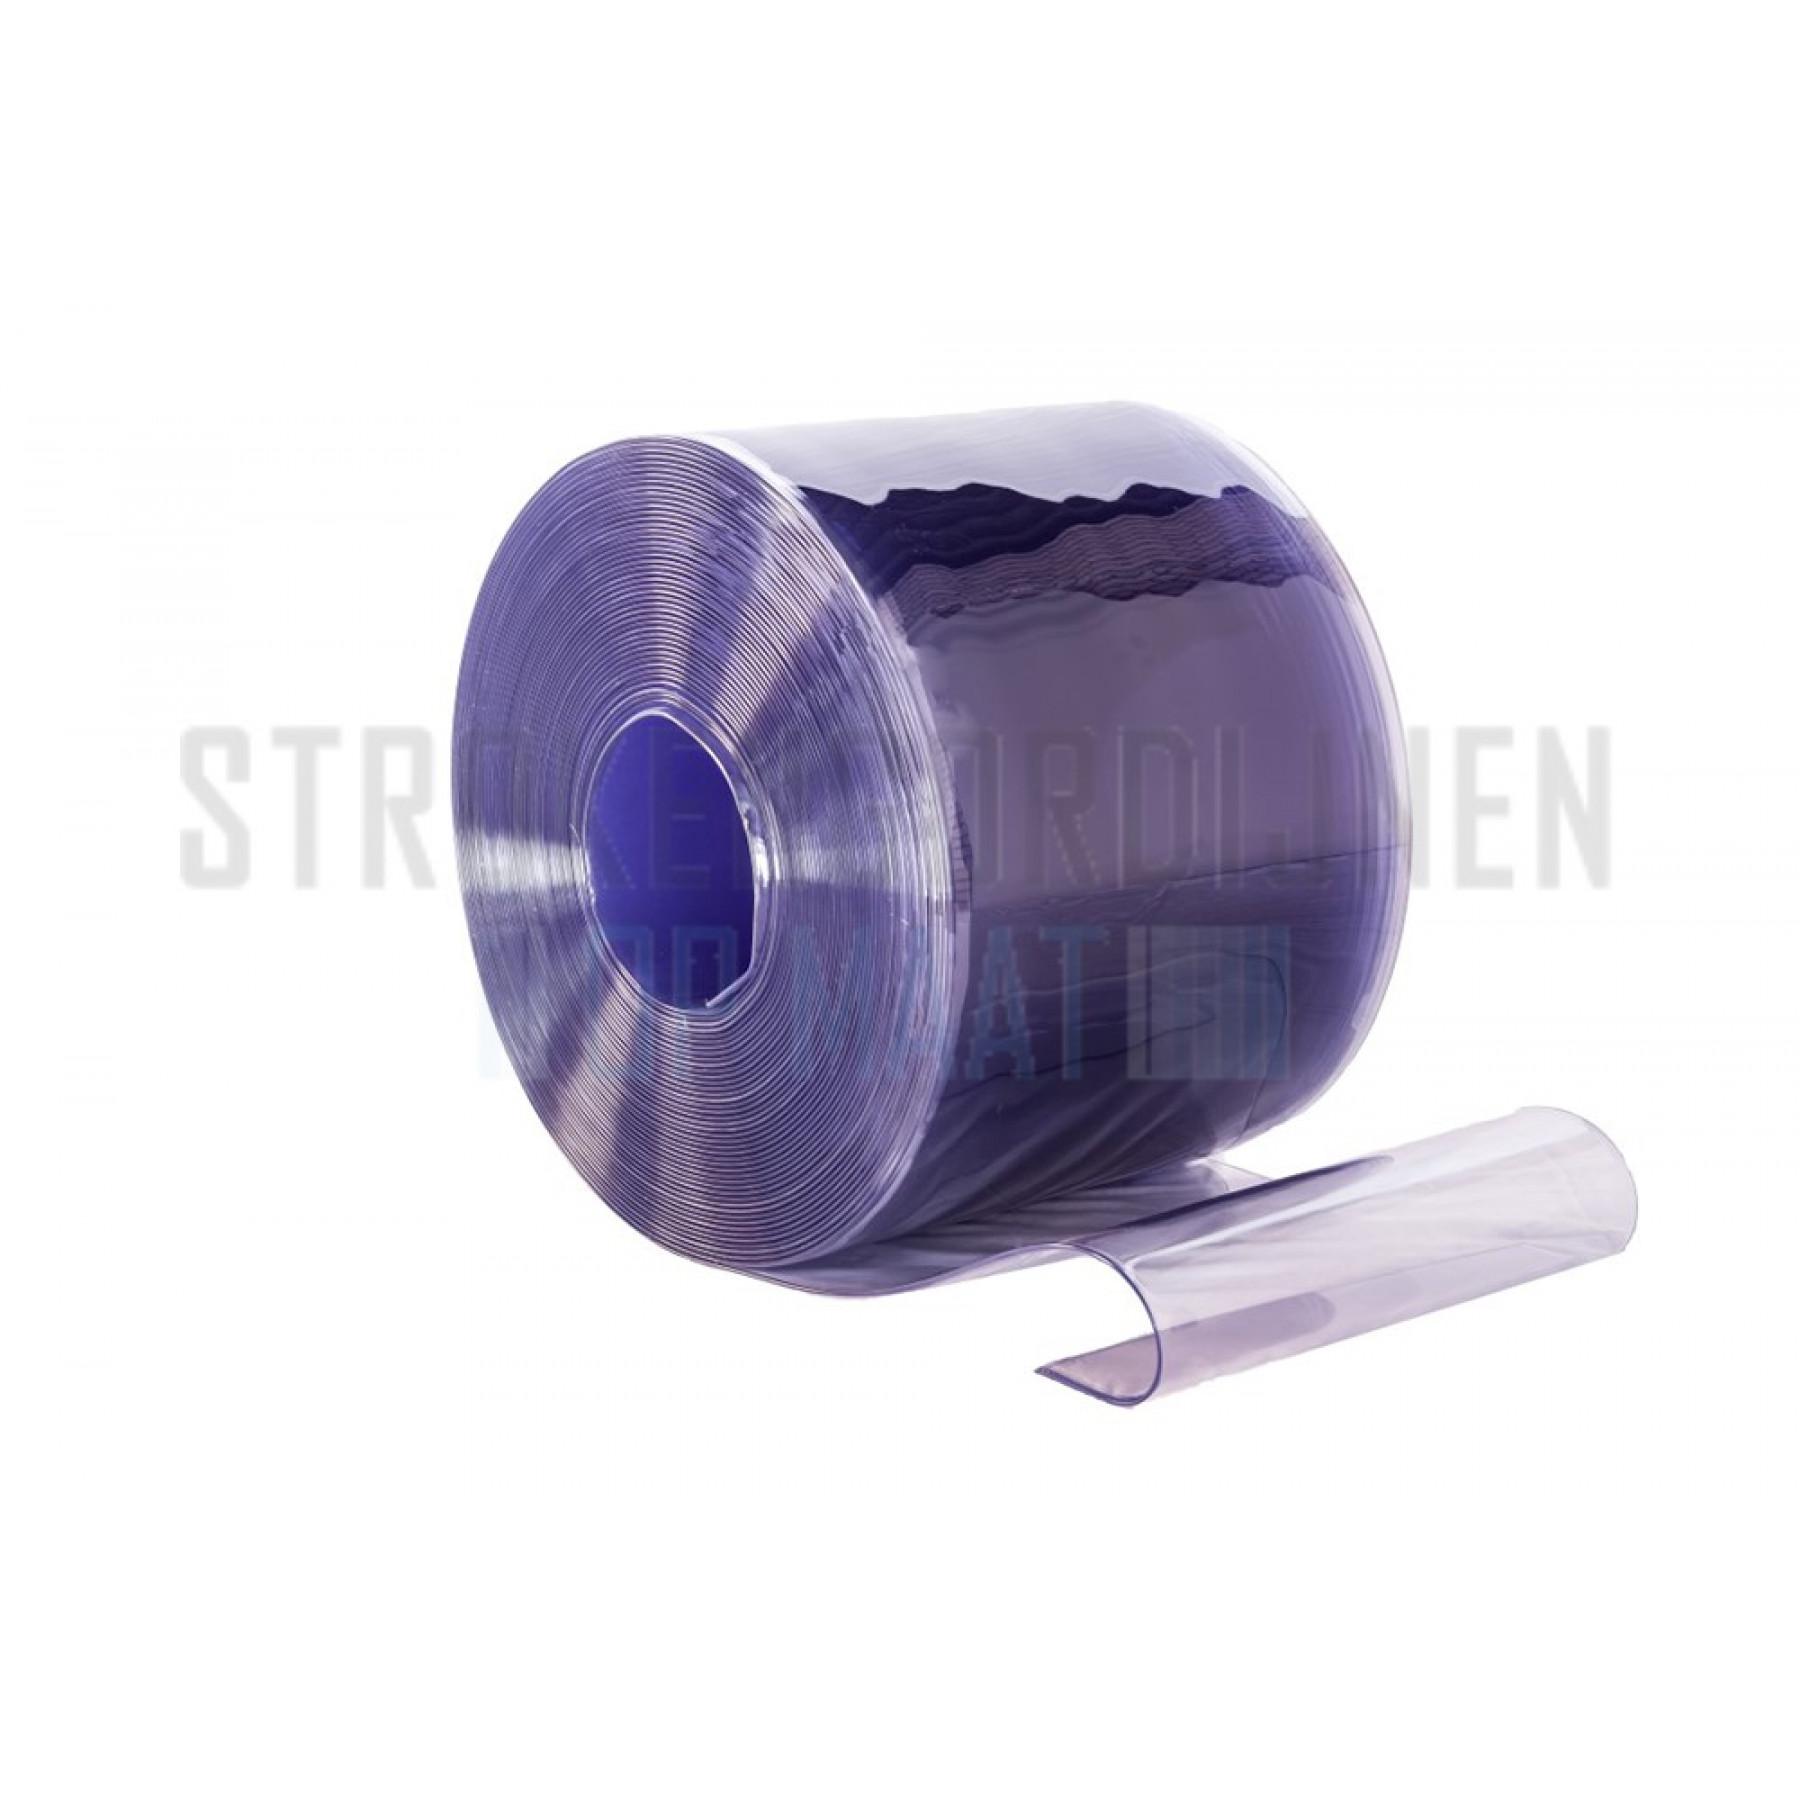 PVC Streifen zur Renovierung, 400mm breit, 4mm dick, transparent